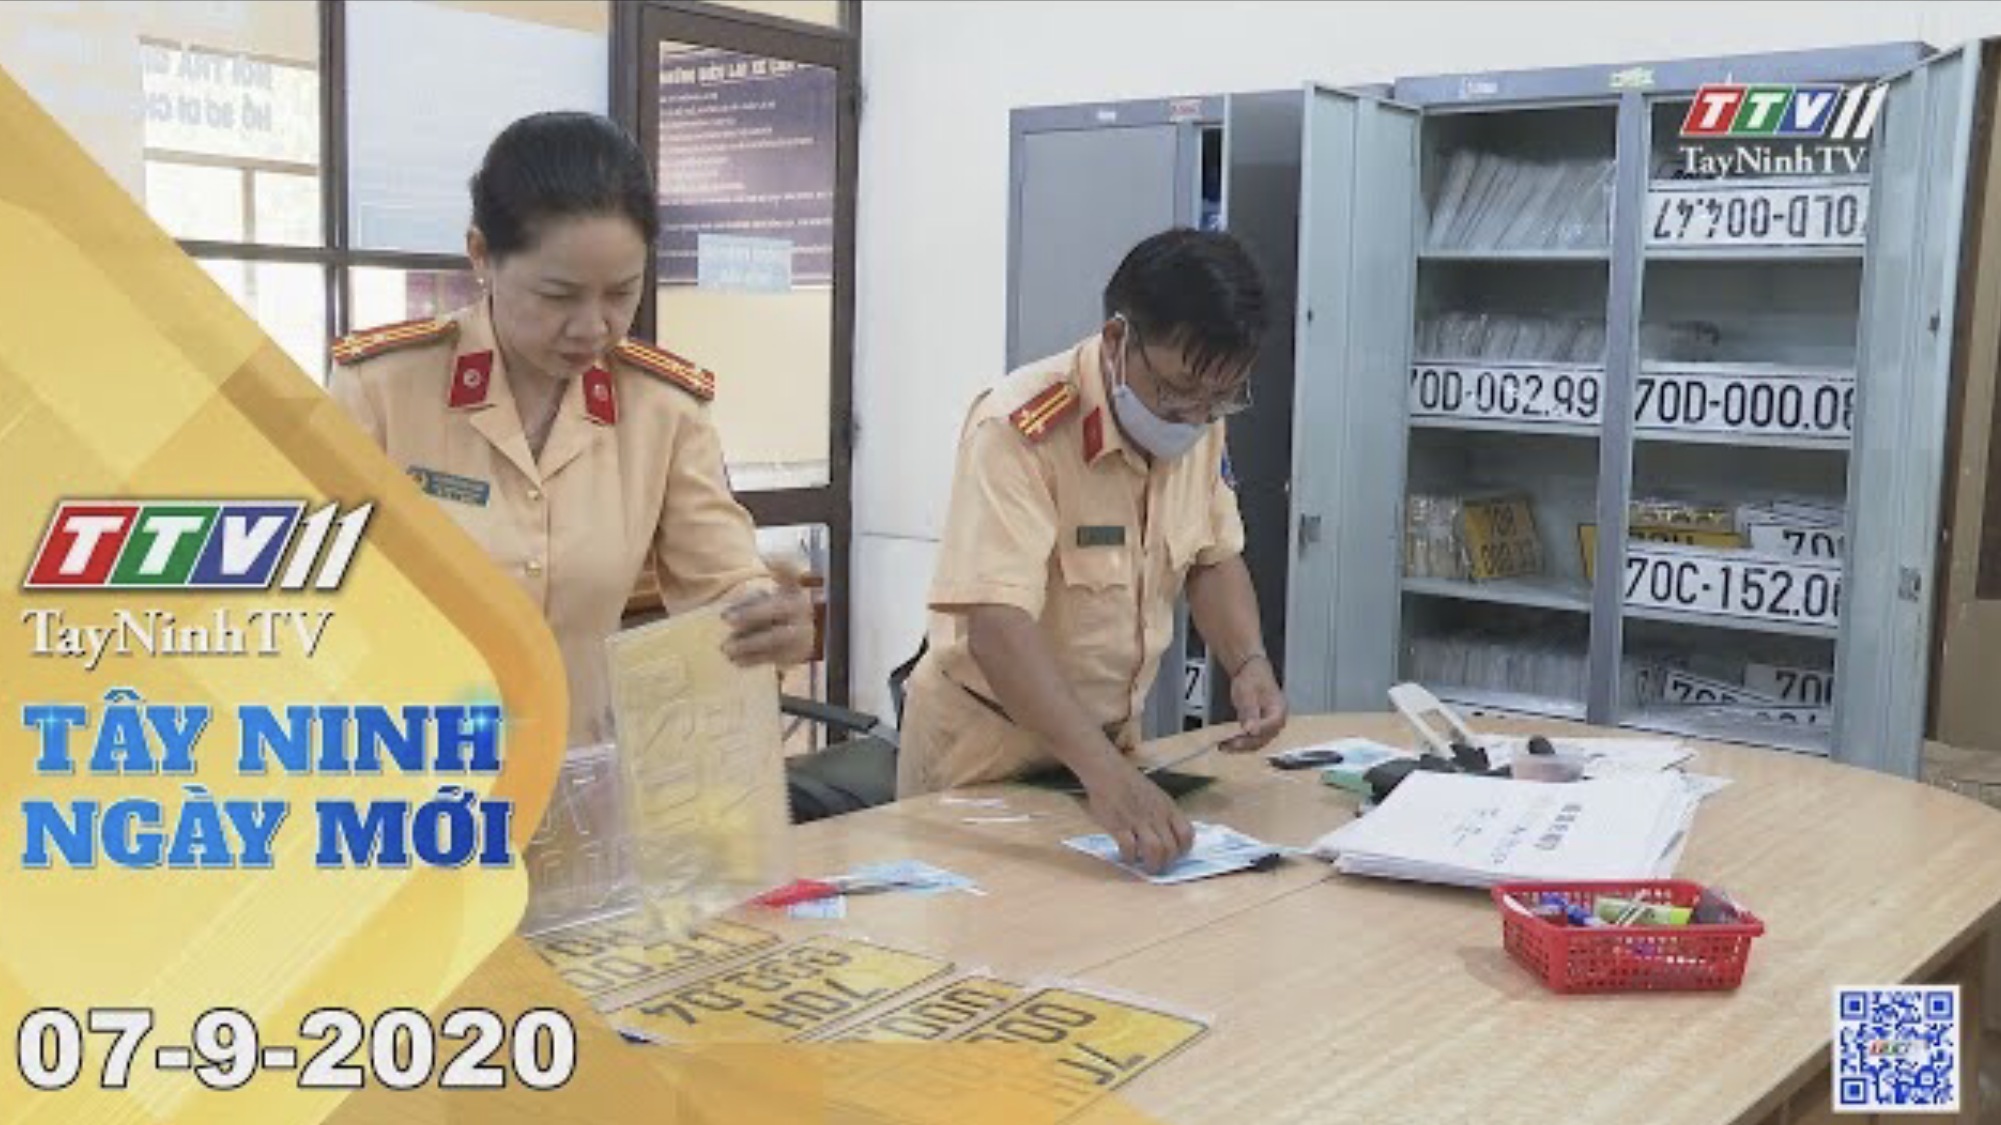 Tây Ninh Ngày Mới 07-9-2020 | Tin tức hôm nay | TayNinhTV